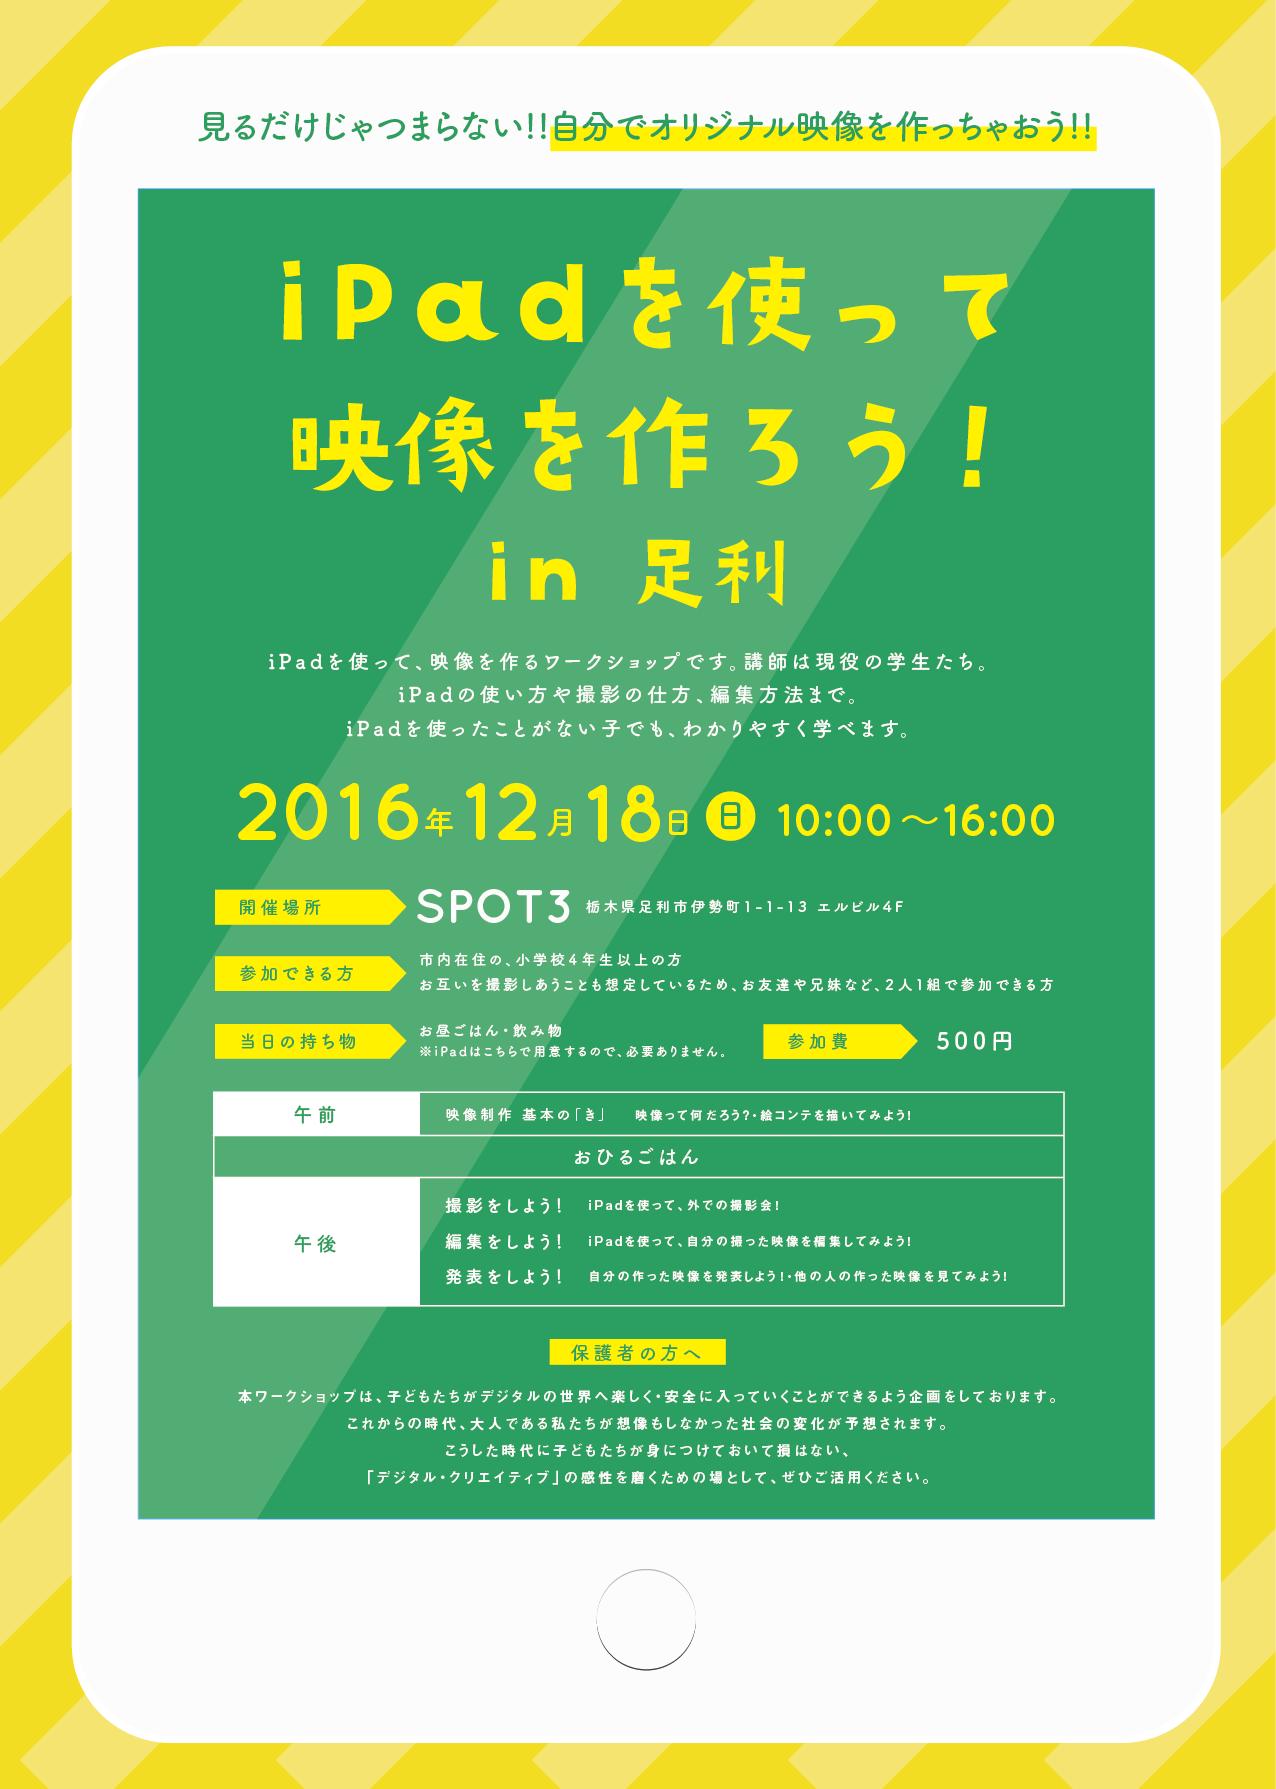 iPadを使って 映像を作ろう! in足利